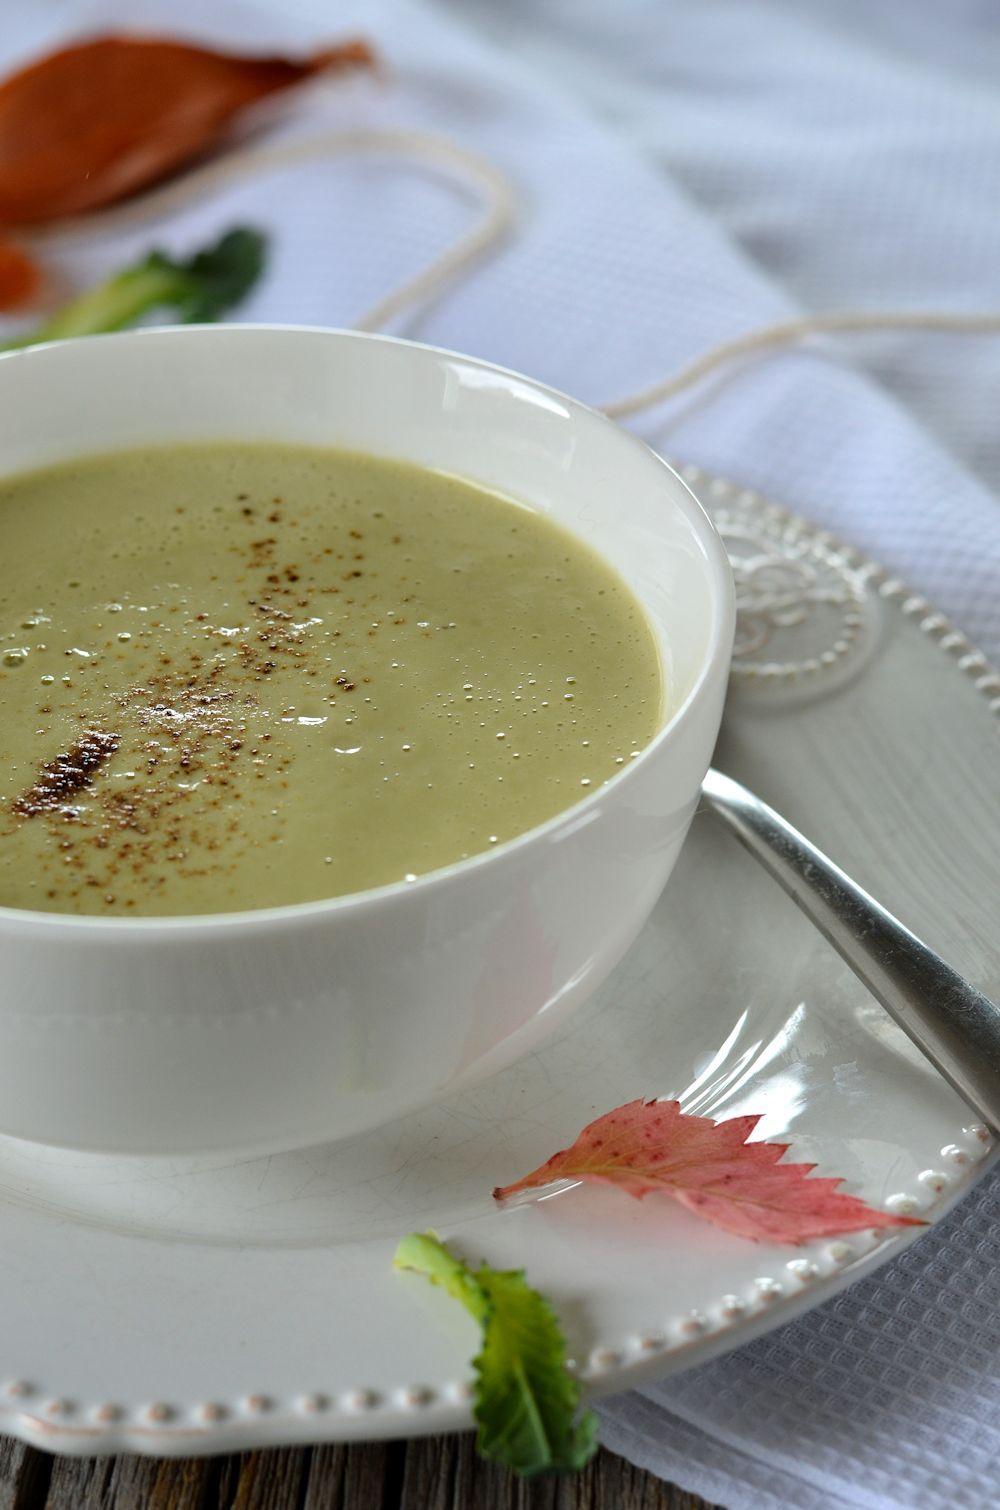 Velouté de brocolis et fromage frais | Recette | Brocoli